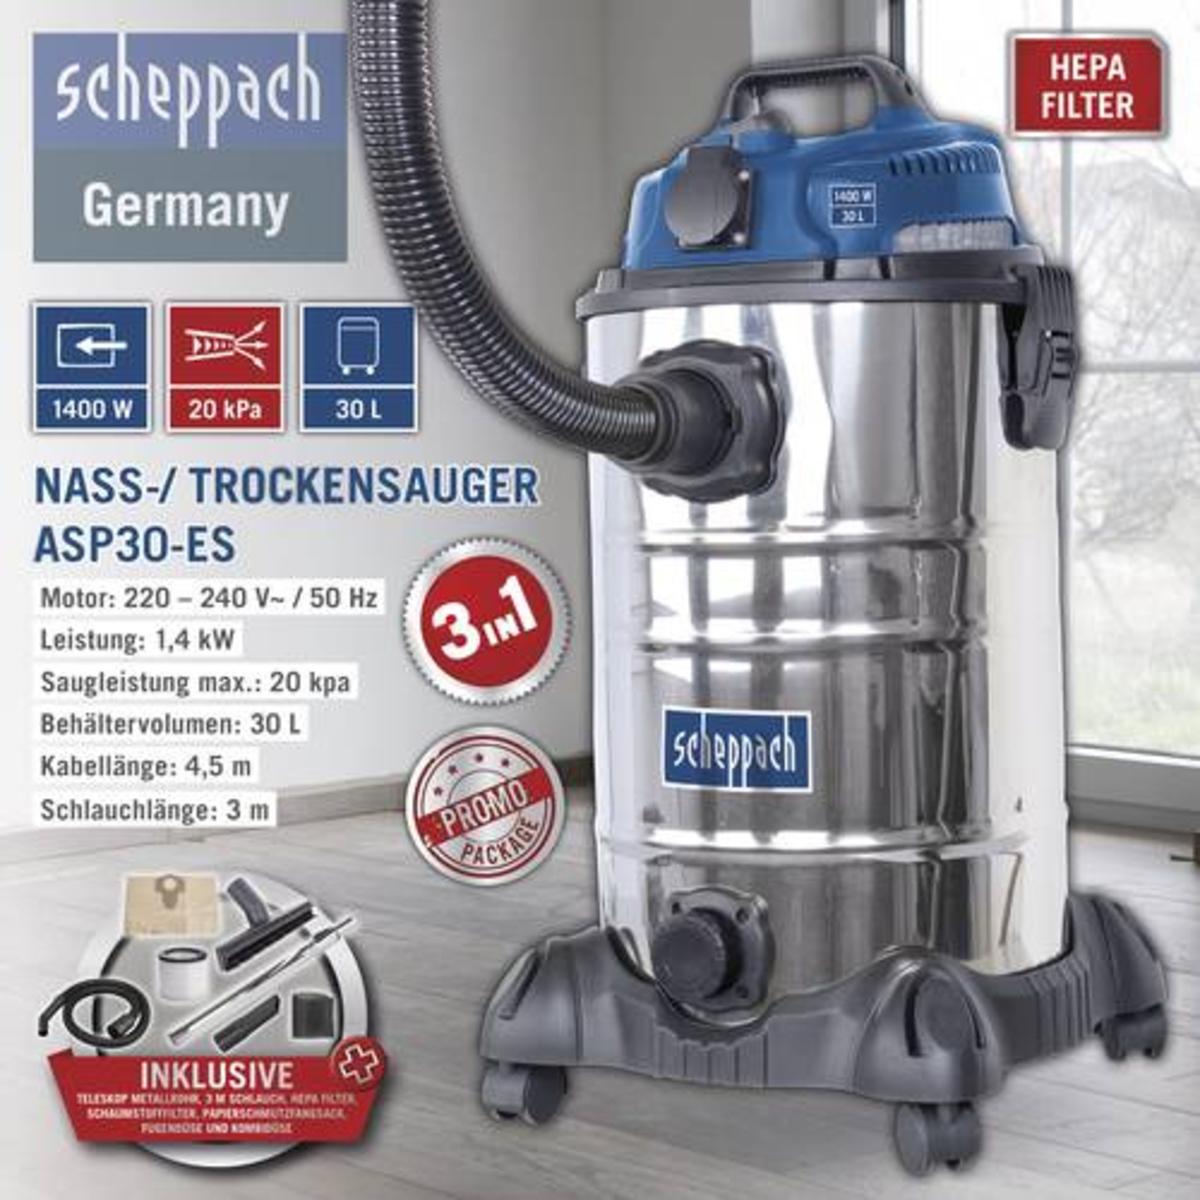 Bild 1 von Scheppach Nass-/ Trockensauger ASP30-ES